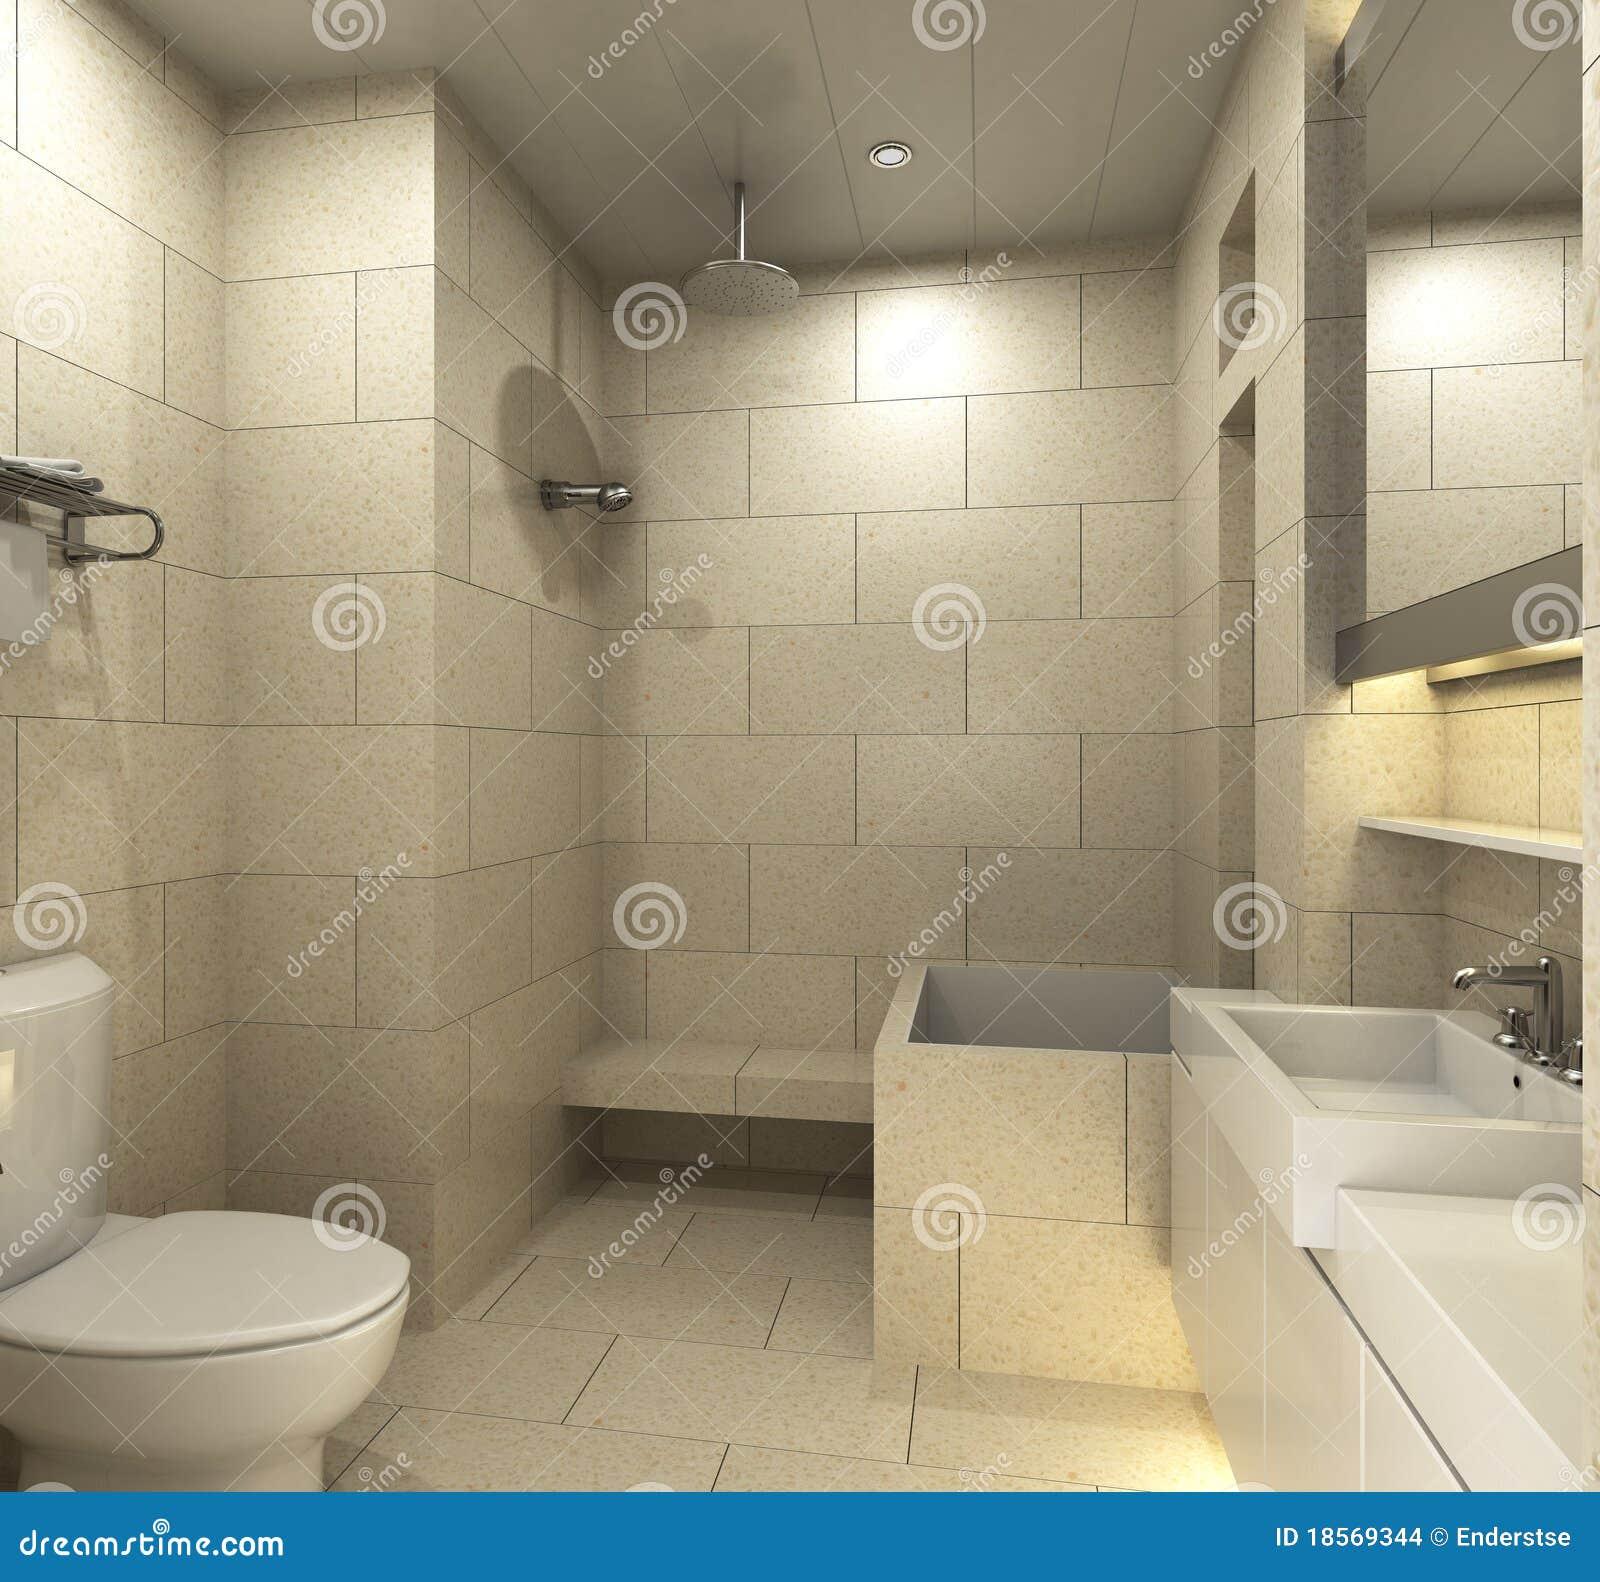 Badkamers stock afbeeldingen afbeelding 18569344 - Afbeelding voor badkamer ...